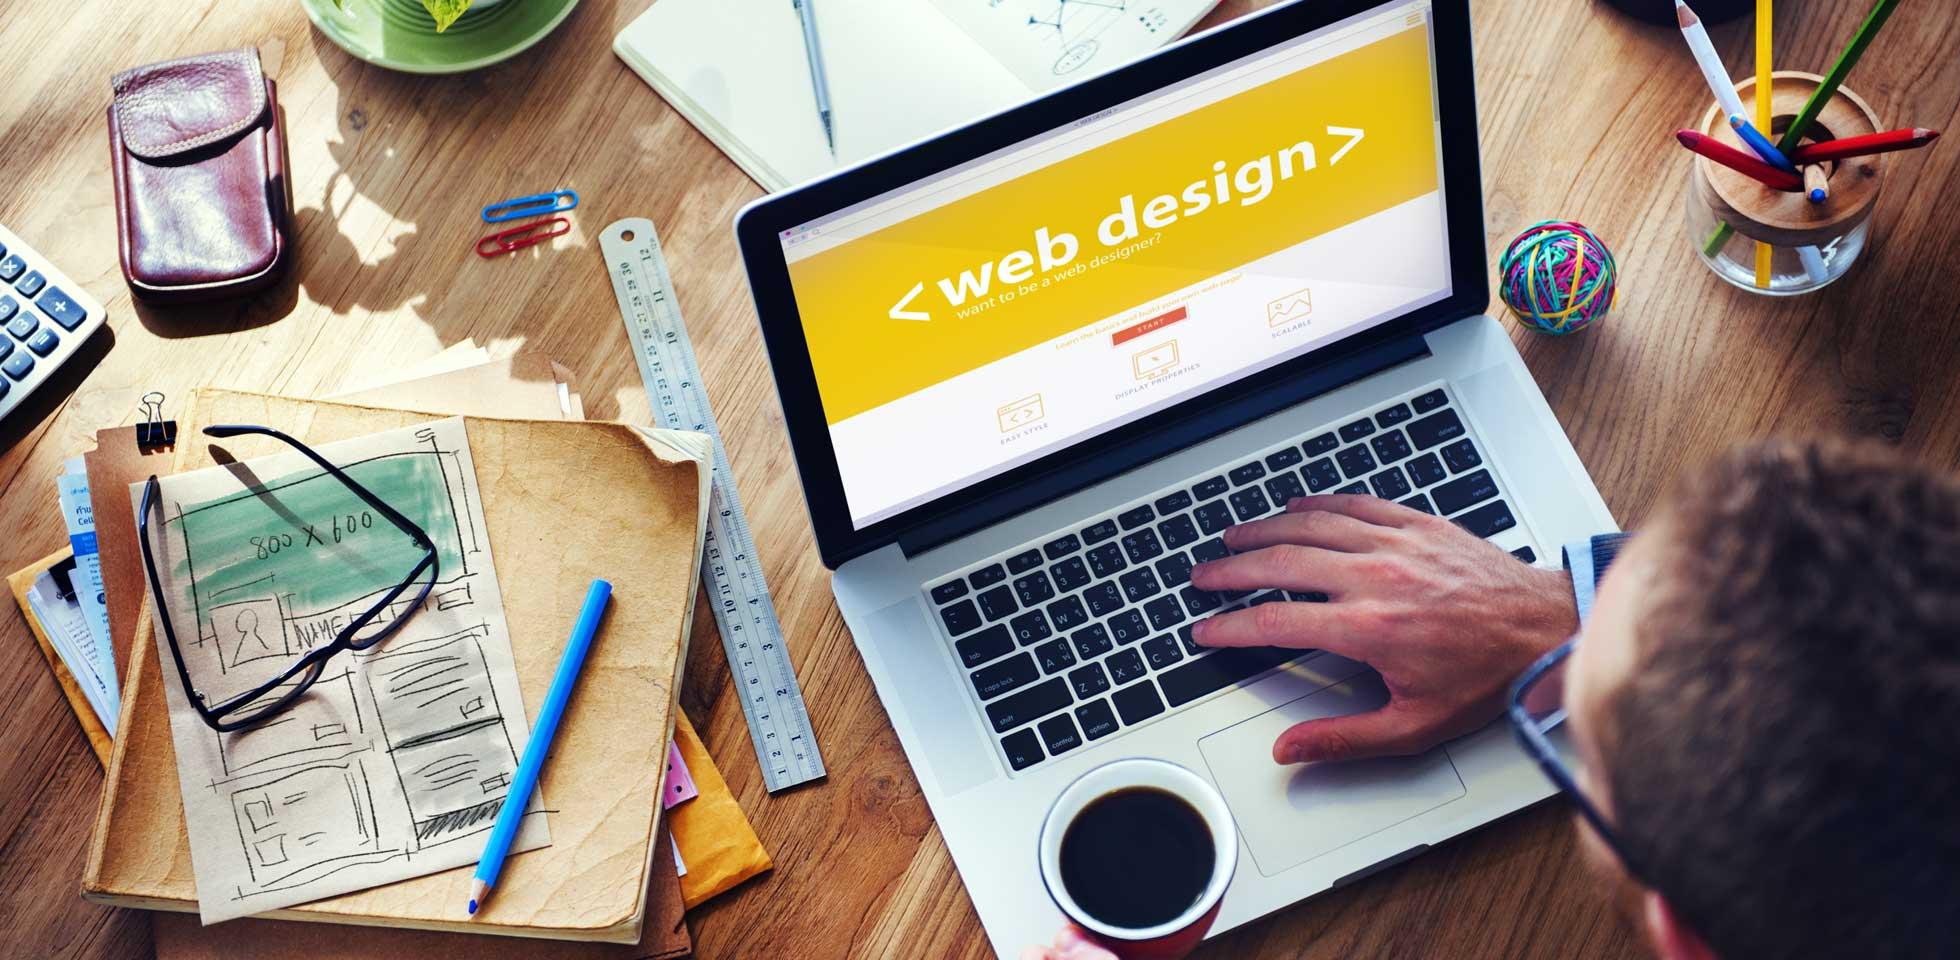 web designing concept